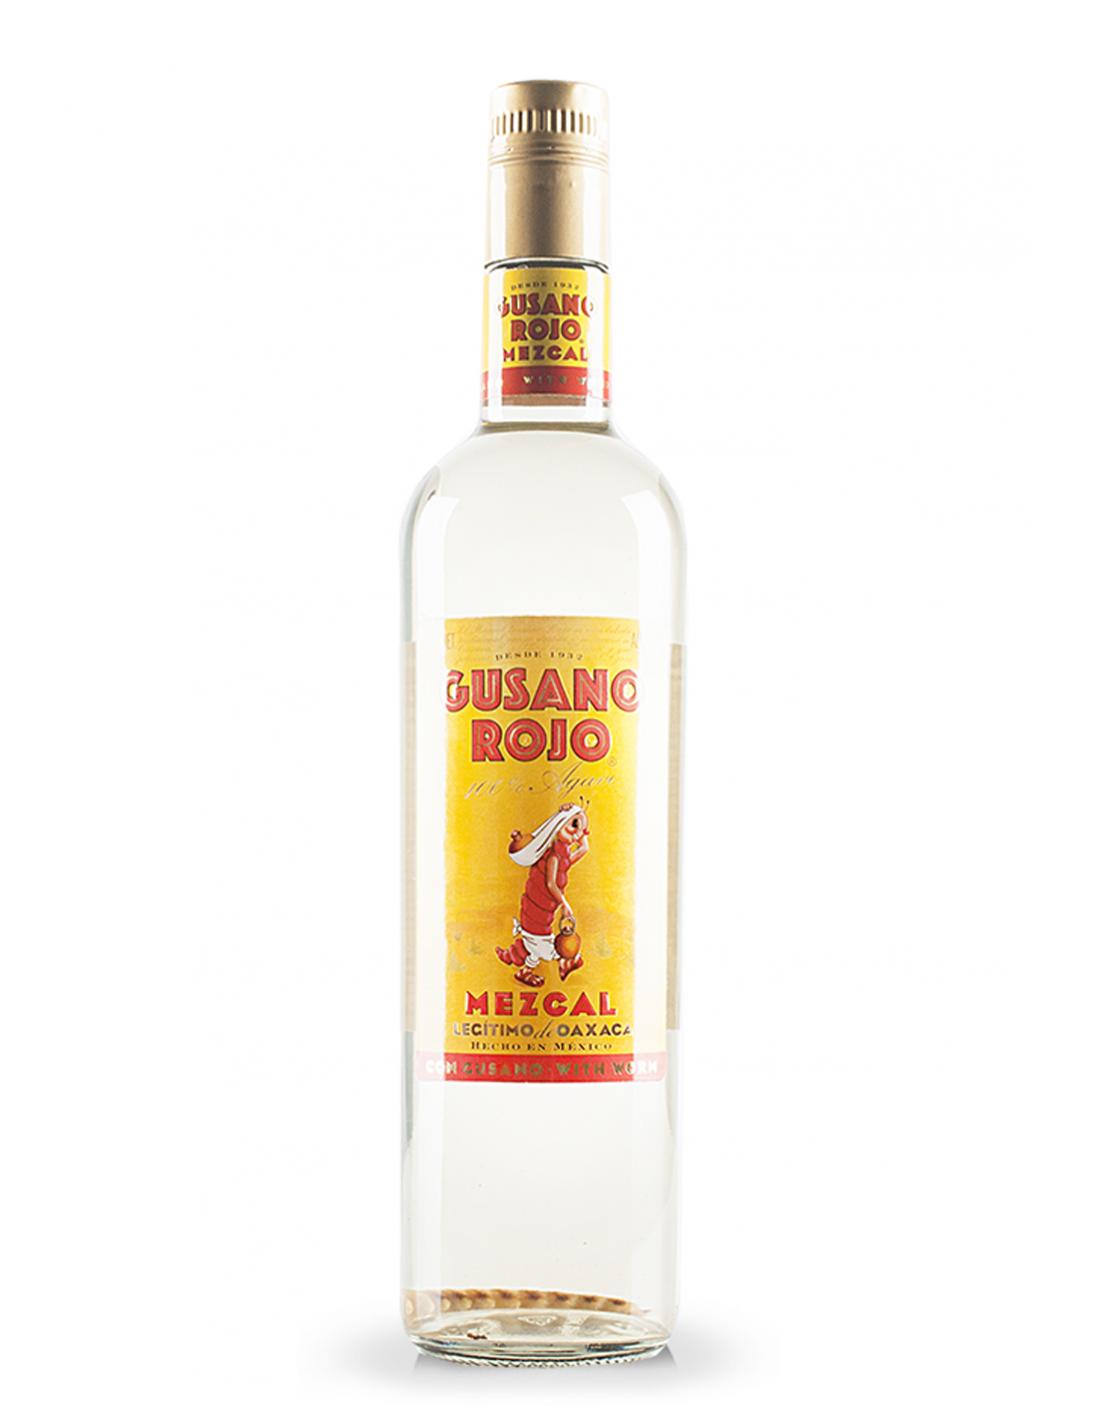 Tequila alba Mezcal cu vierme 0.7L, 38% alc., Mexic